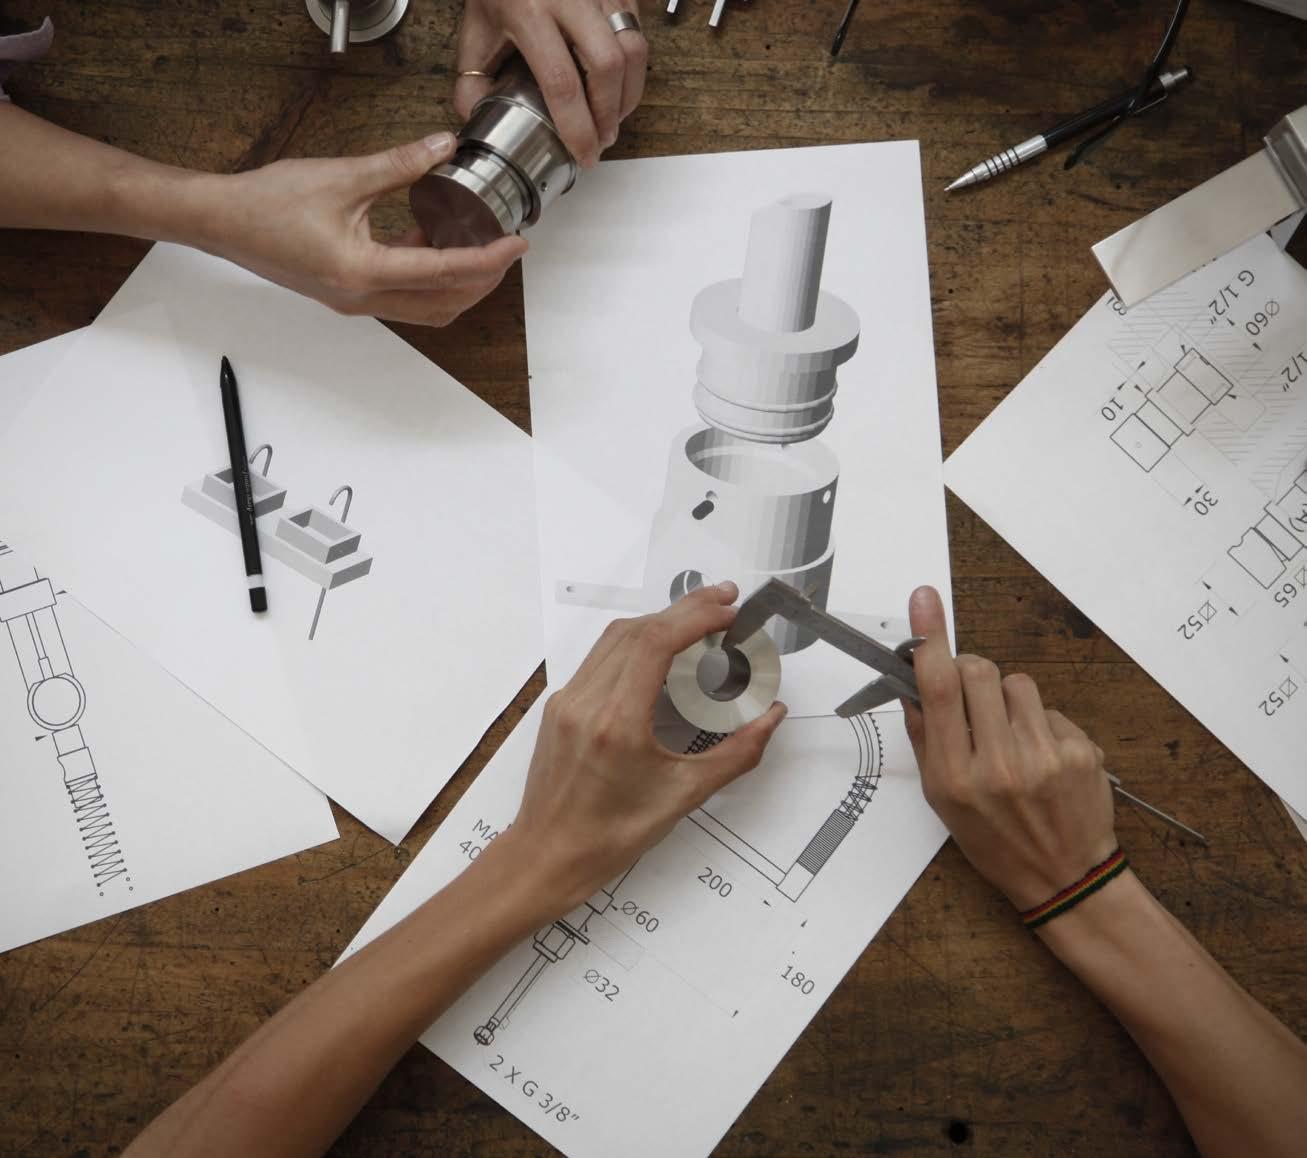 produttori rubinetteria acciaio inox 316, accessori